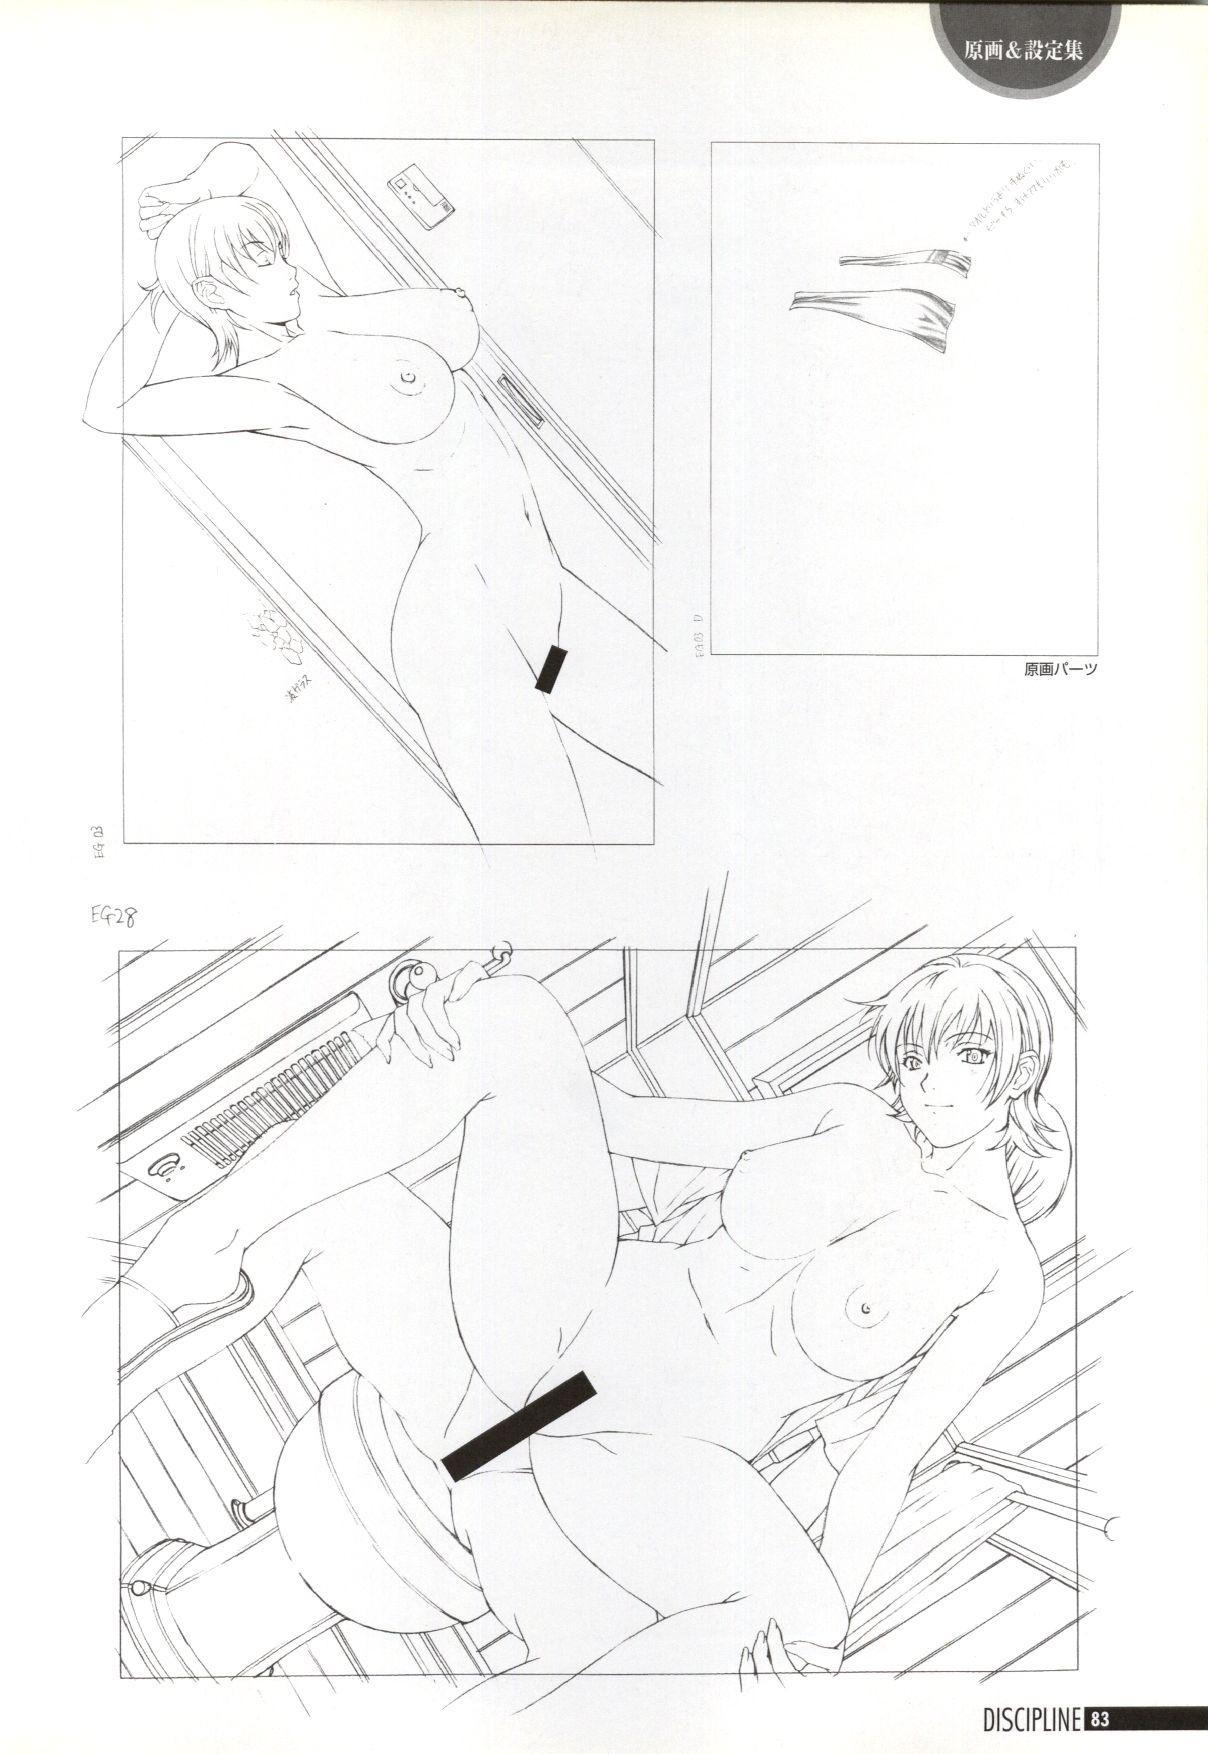 Discipline Artbook 83